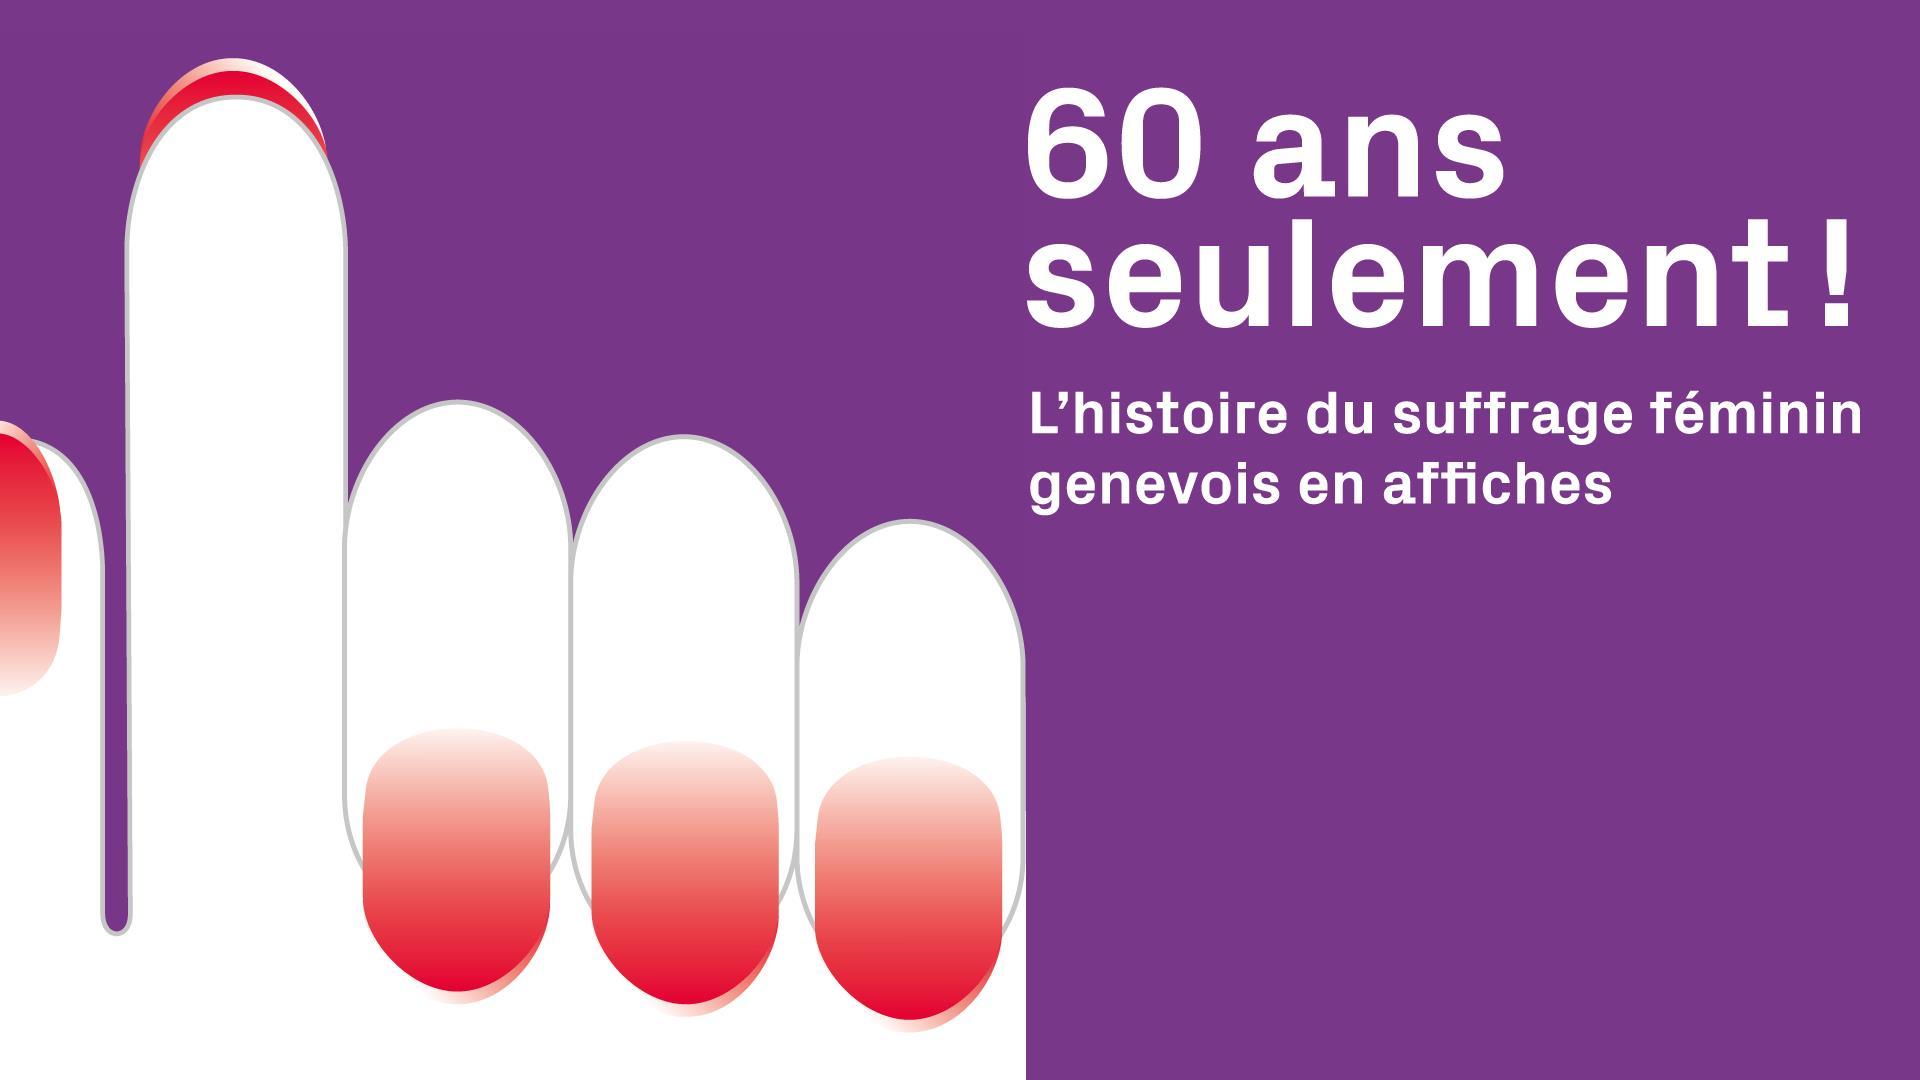 """Exposition """"L'histoire du suffrage féminin genevois en affiches"""" au Parc des Bastions"""